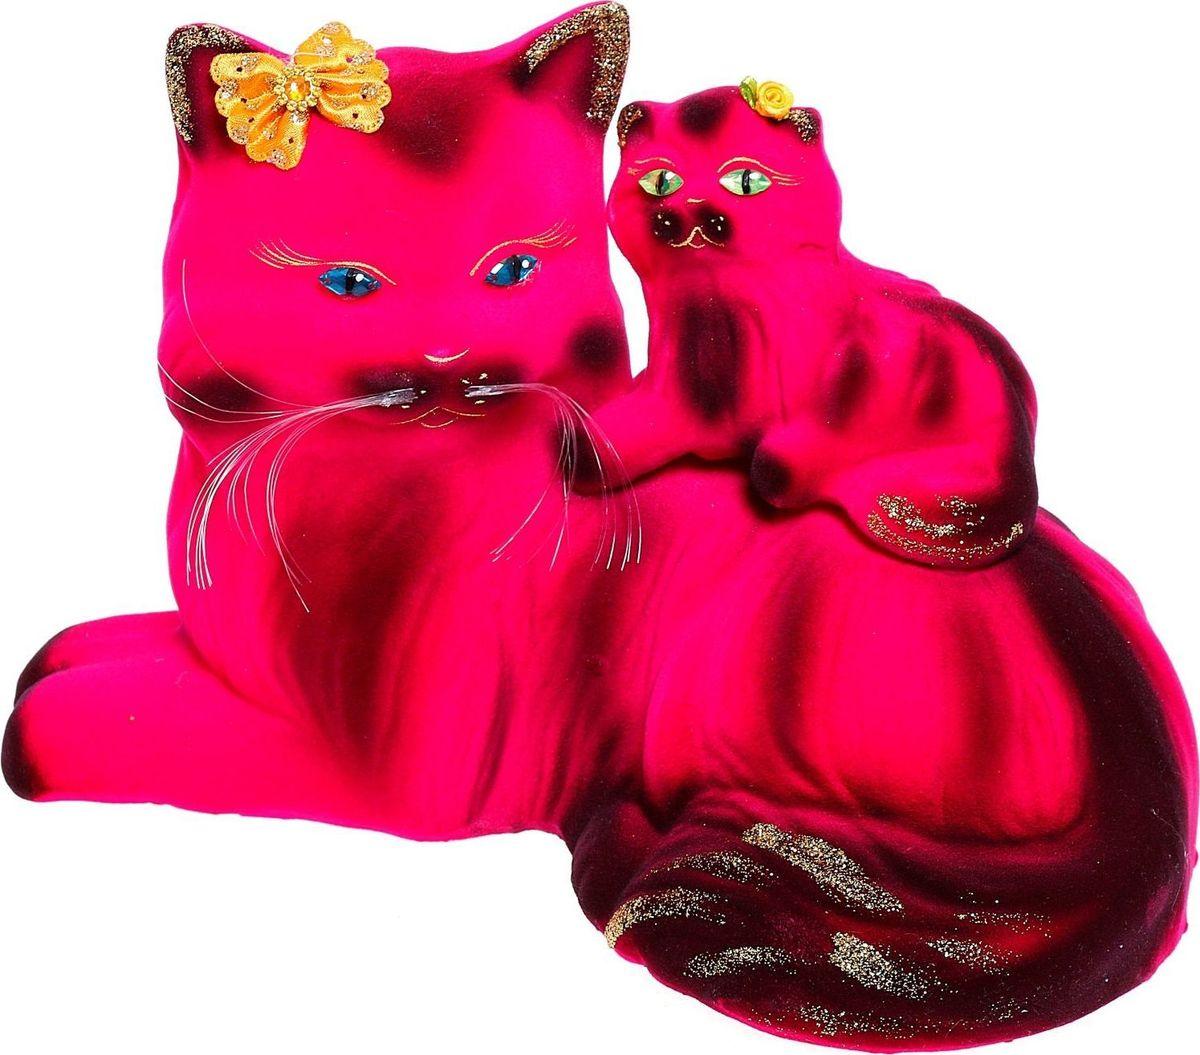 Копилка Керамика ручной работы Кошка с котенком, 17 х 29 х 20 см1040693Копилка — универсальный вариант подарка любому человеку, ведь каждый из нас мечтает о какой-то дорогостоящей вещи и откладывает или собирается откладывать деньги на её приобретение. Вместительная копилка станет прекрасным хранителем сбережений и украшением интерьера. Она выглядит так ярко и эффектно, что проходя мимо, обязательно захочется забросить пару монет.